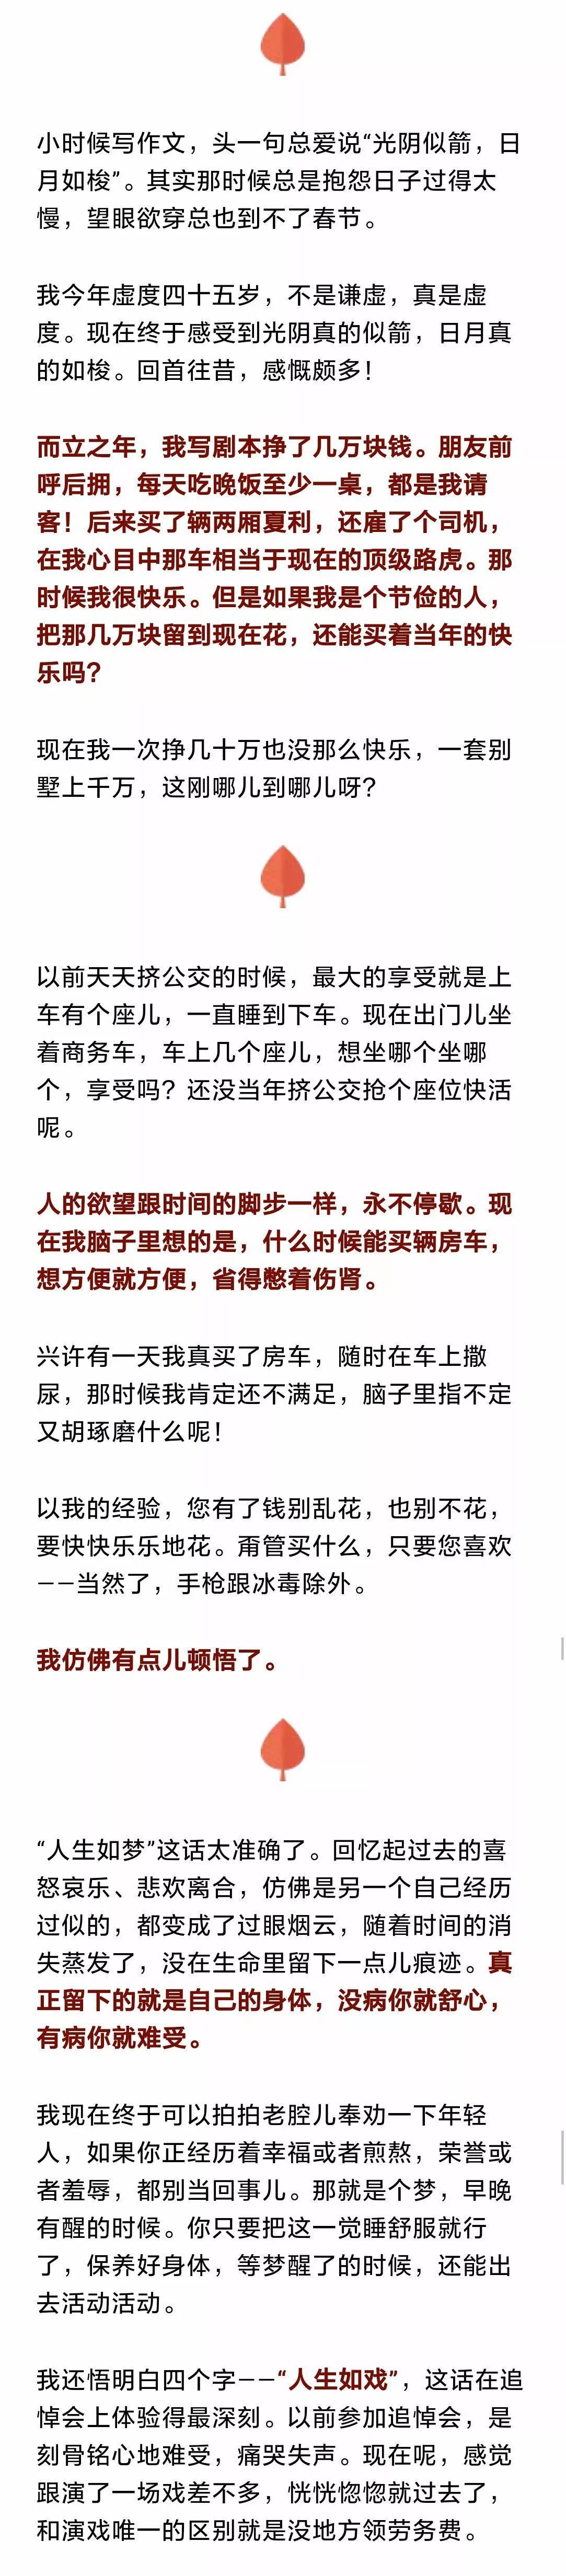 """【聚焦】耒阳""""城市顽疾""""之一,某路段终于被整治啦!"""